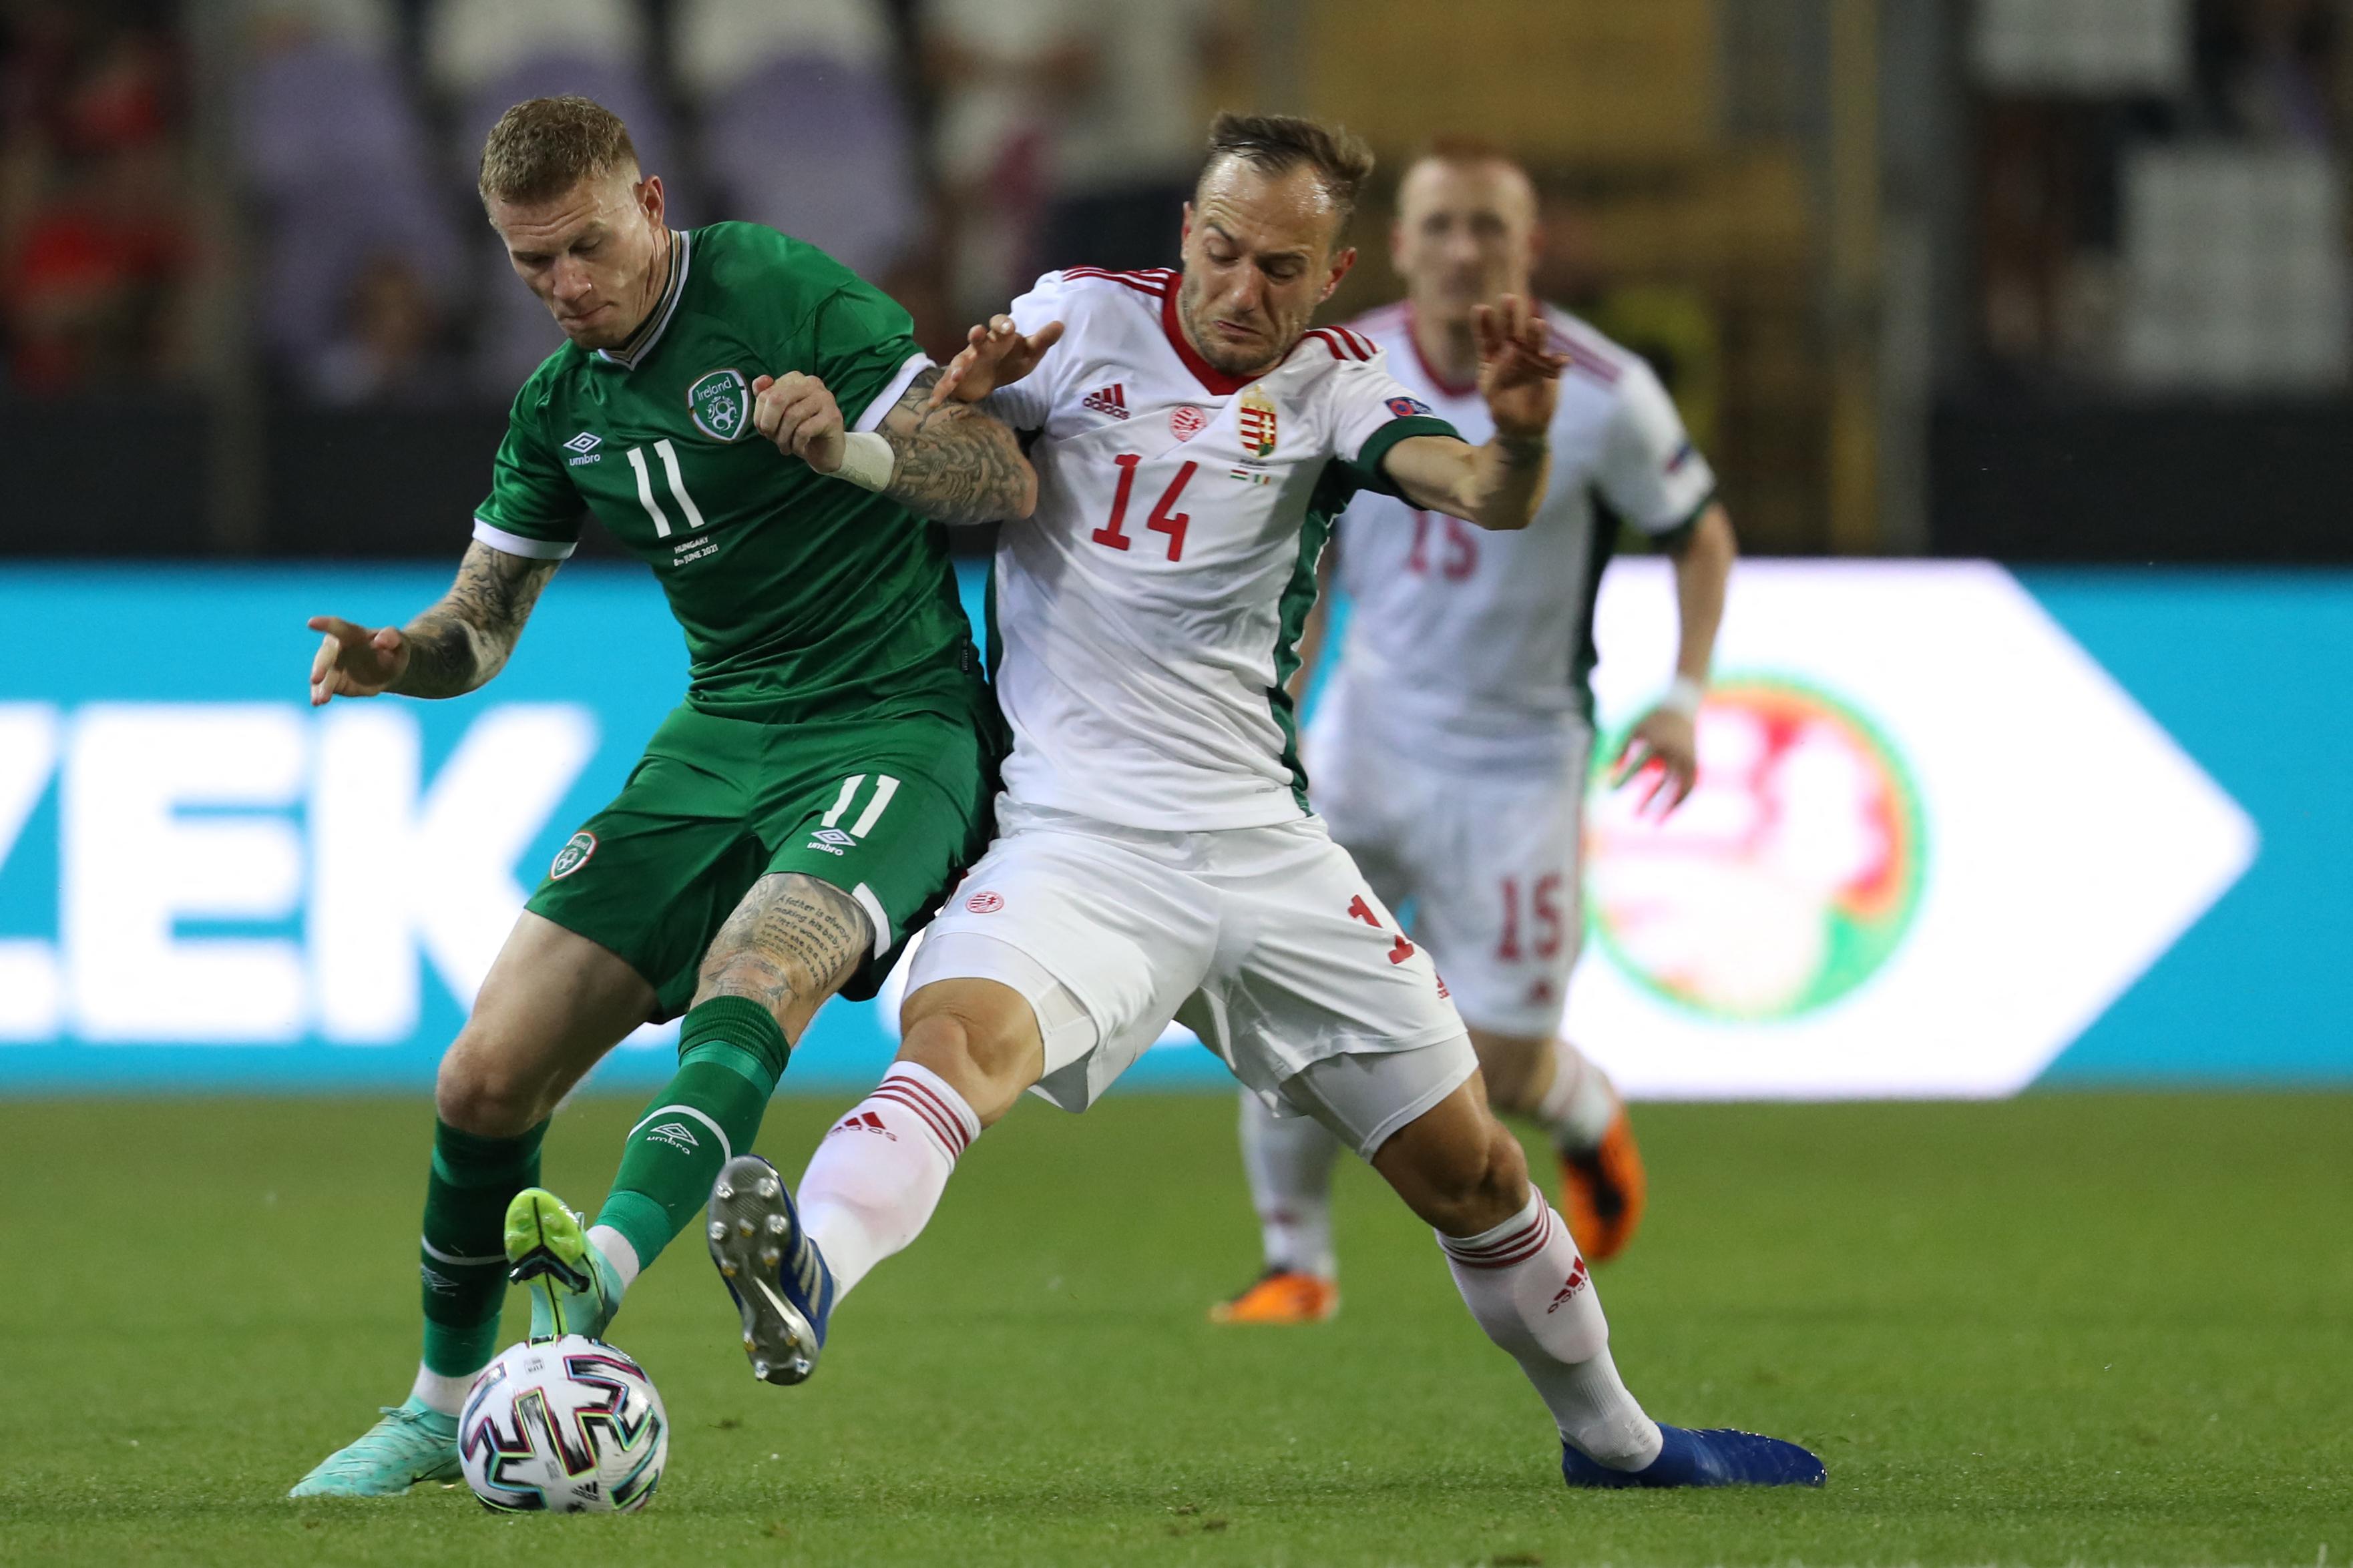 Az írek elleni 0-0 után jöhetnek az éles meccsek